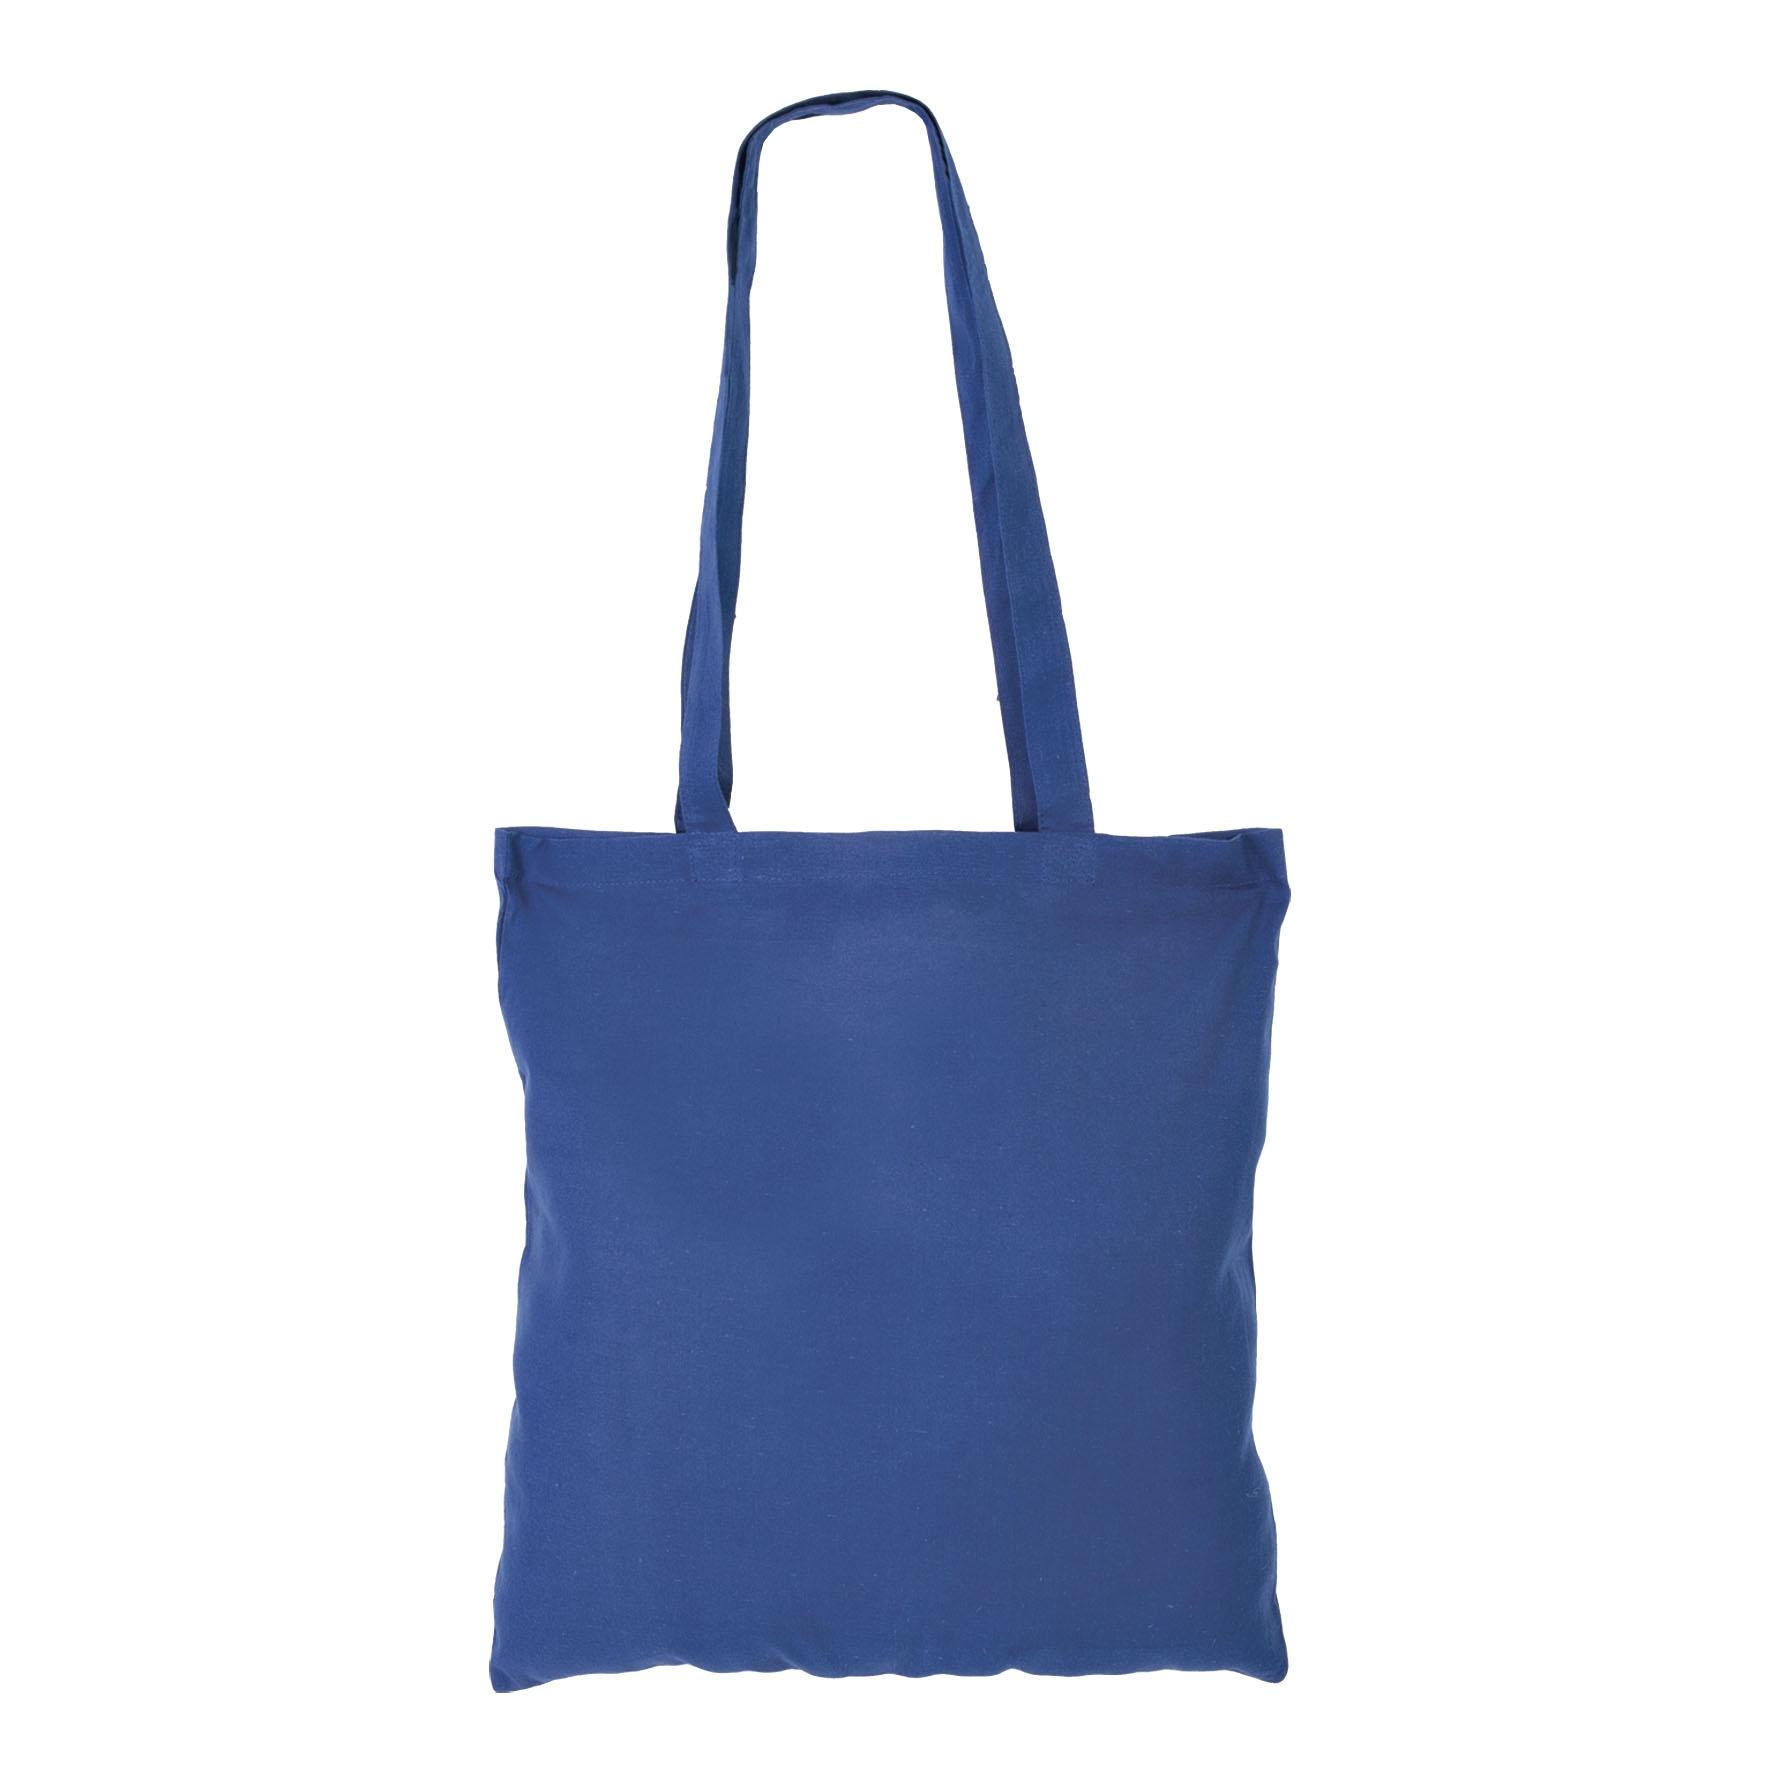 Sac shopping publicitaire coton Maria - sac shopping personnalisable - bleu